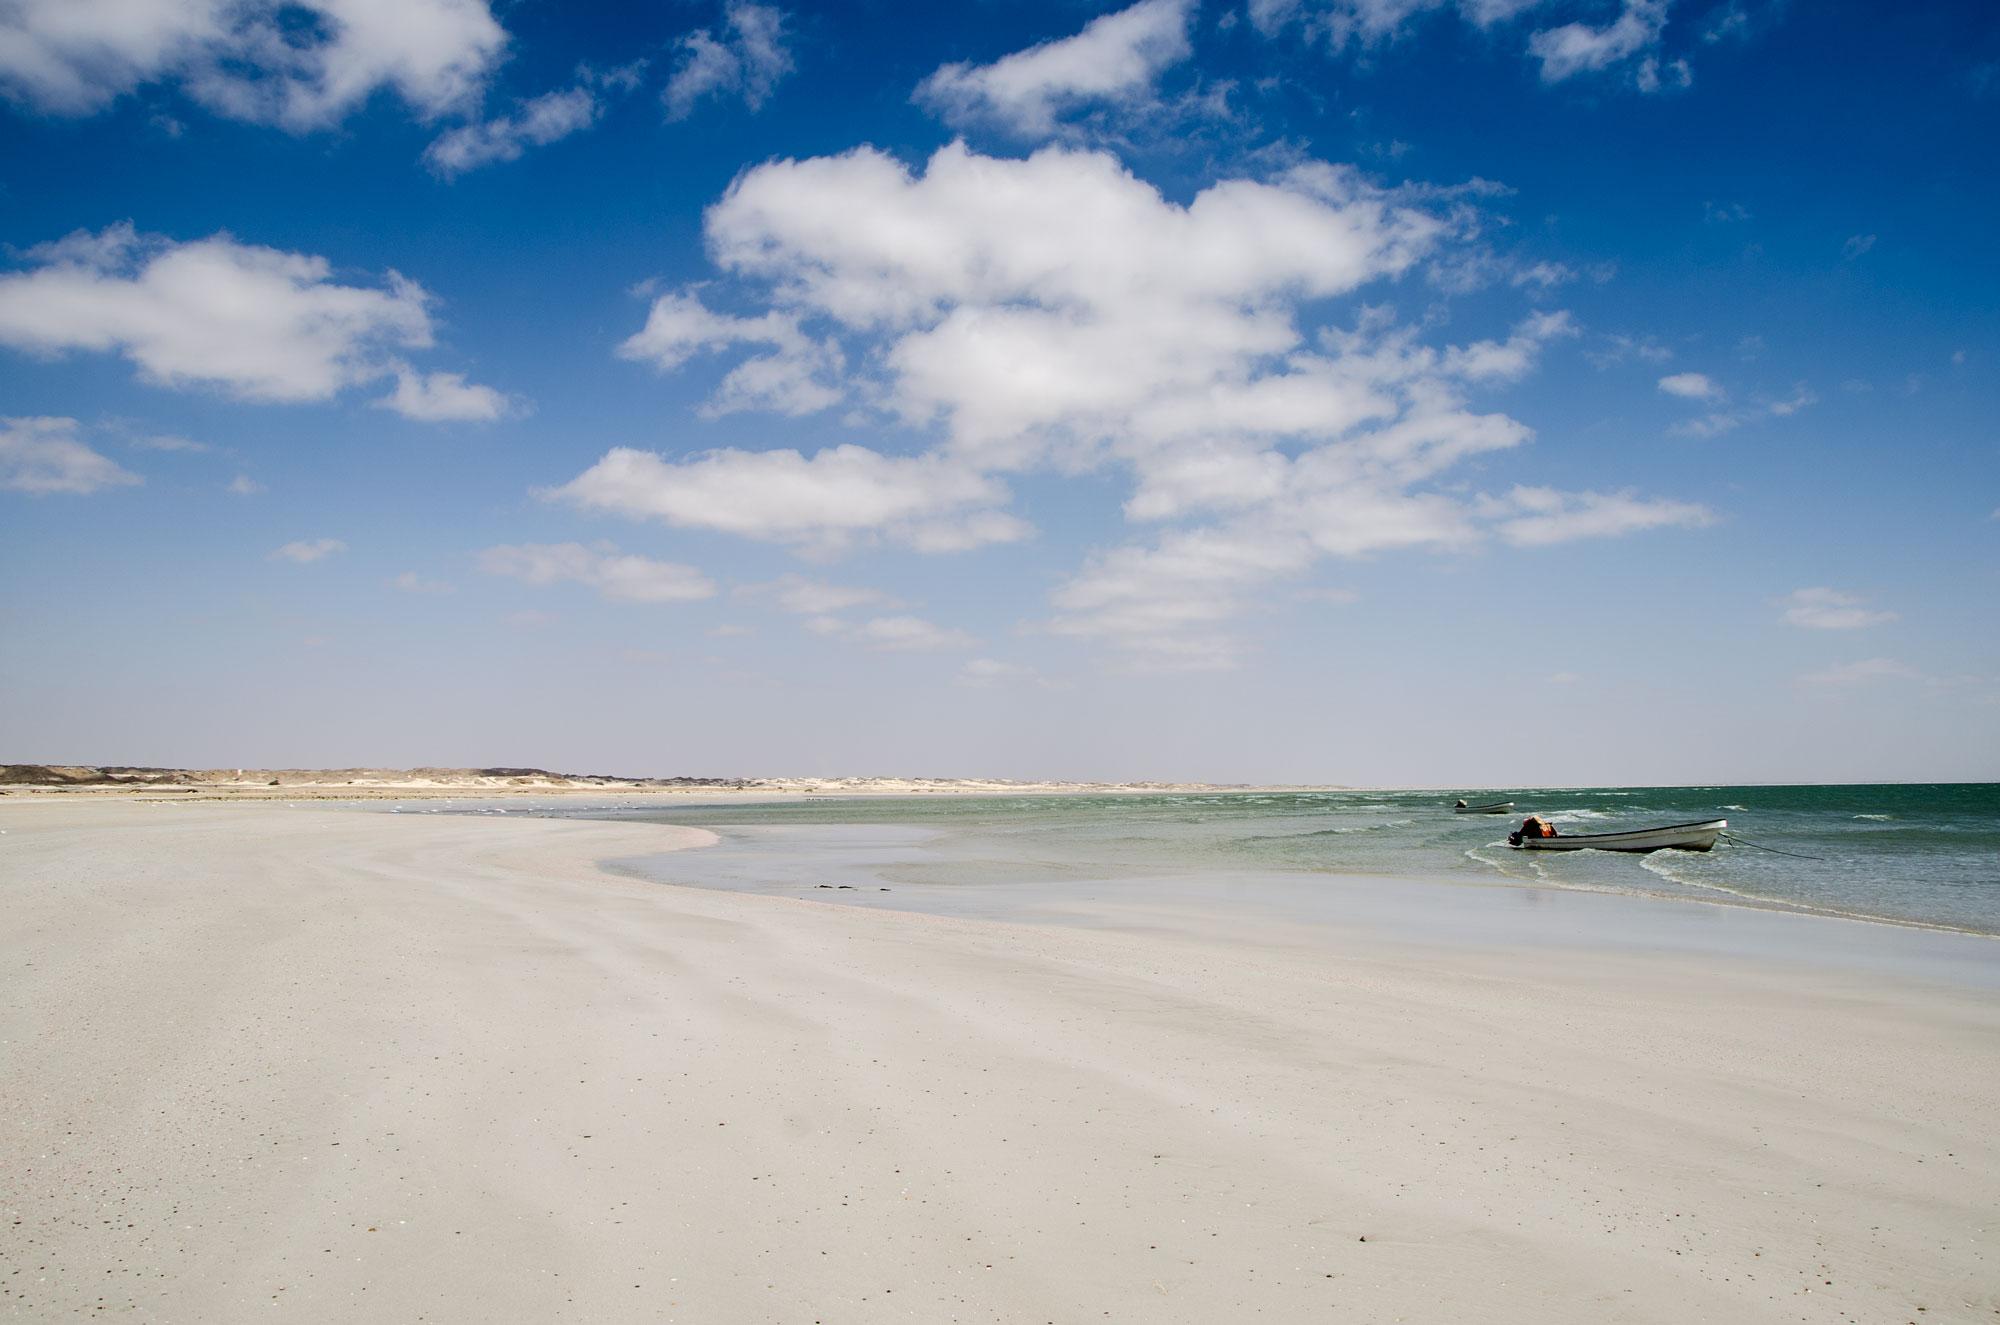 Bei Ar Rumayliyah stoßen wir, nach einer Woche in der Wüste, wieder auf das Meer. Foto: Lothar Ruttner